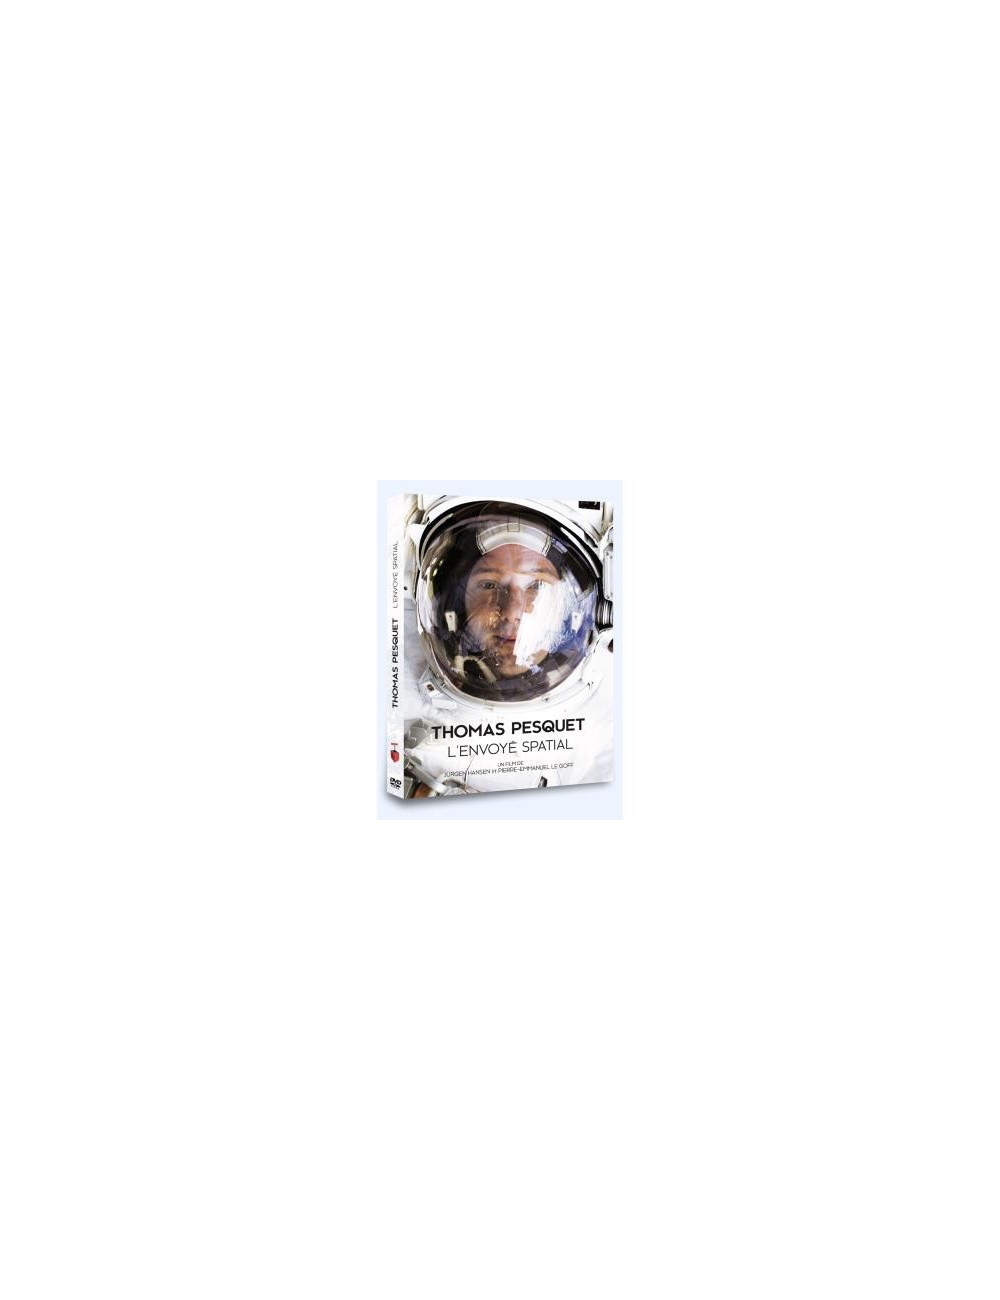 DvD T. PESQUET, l'envoyé spatial